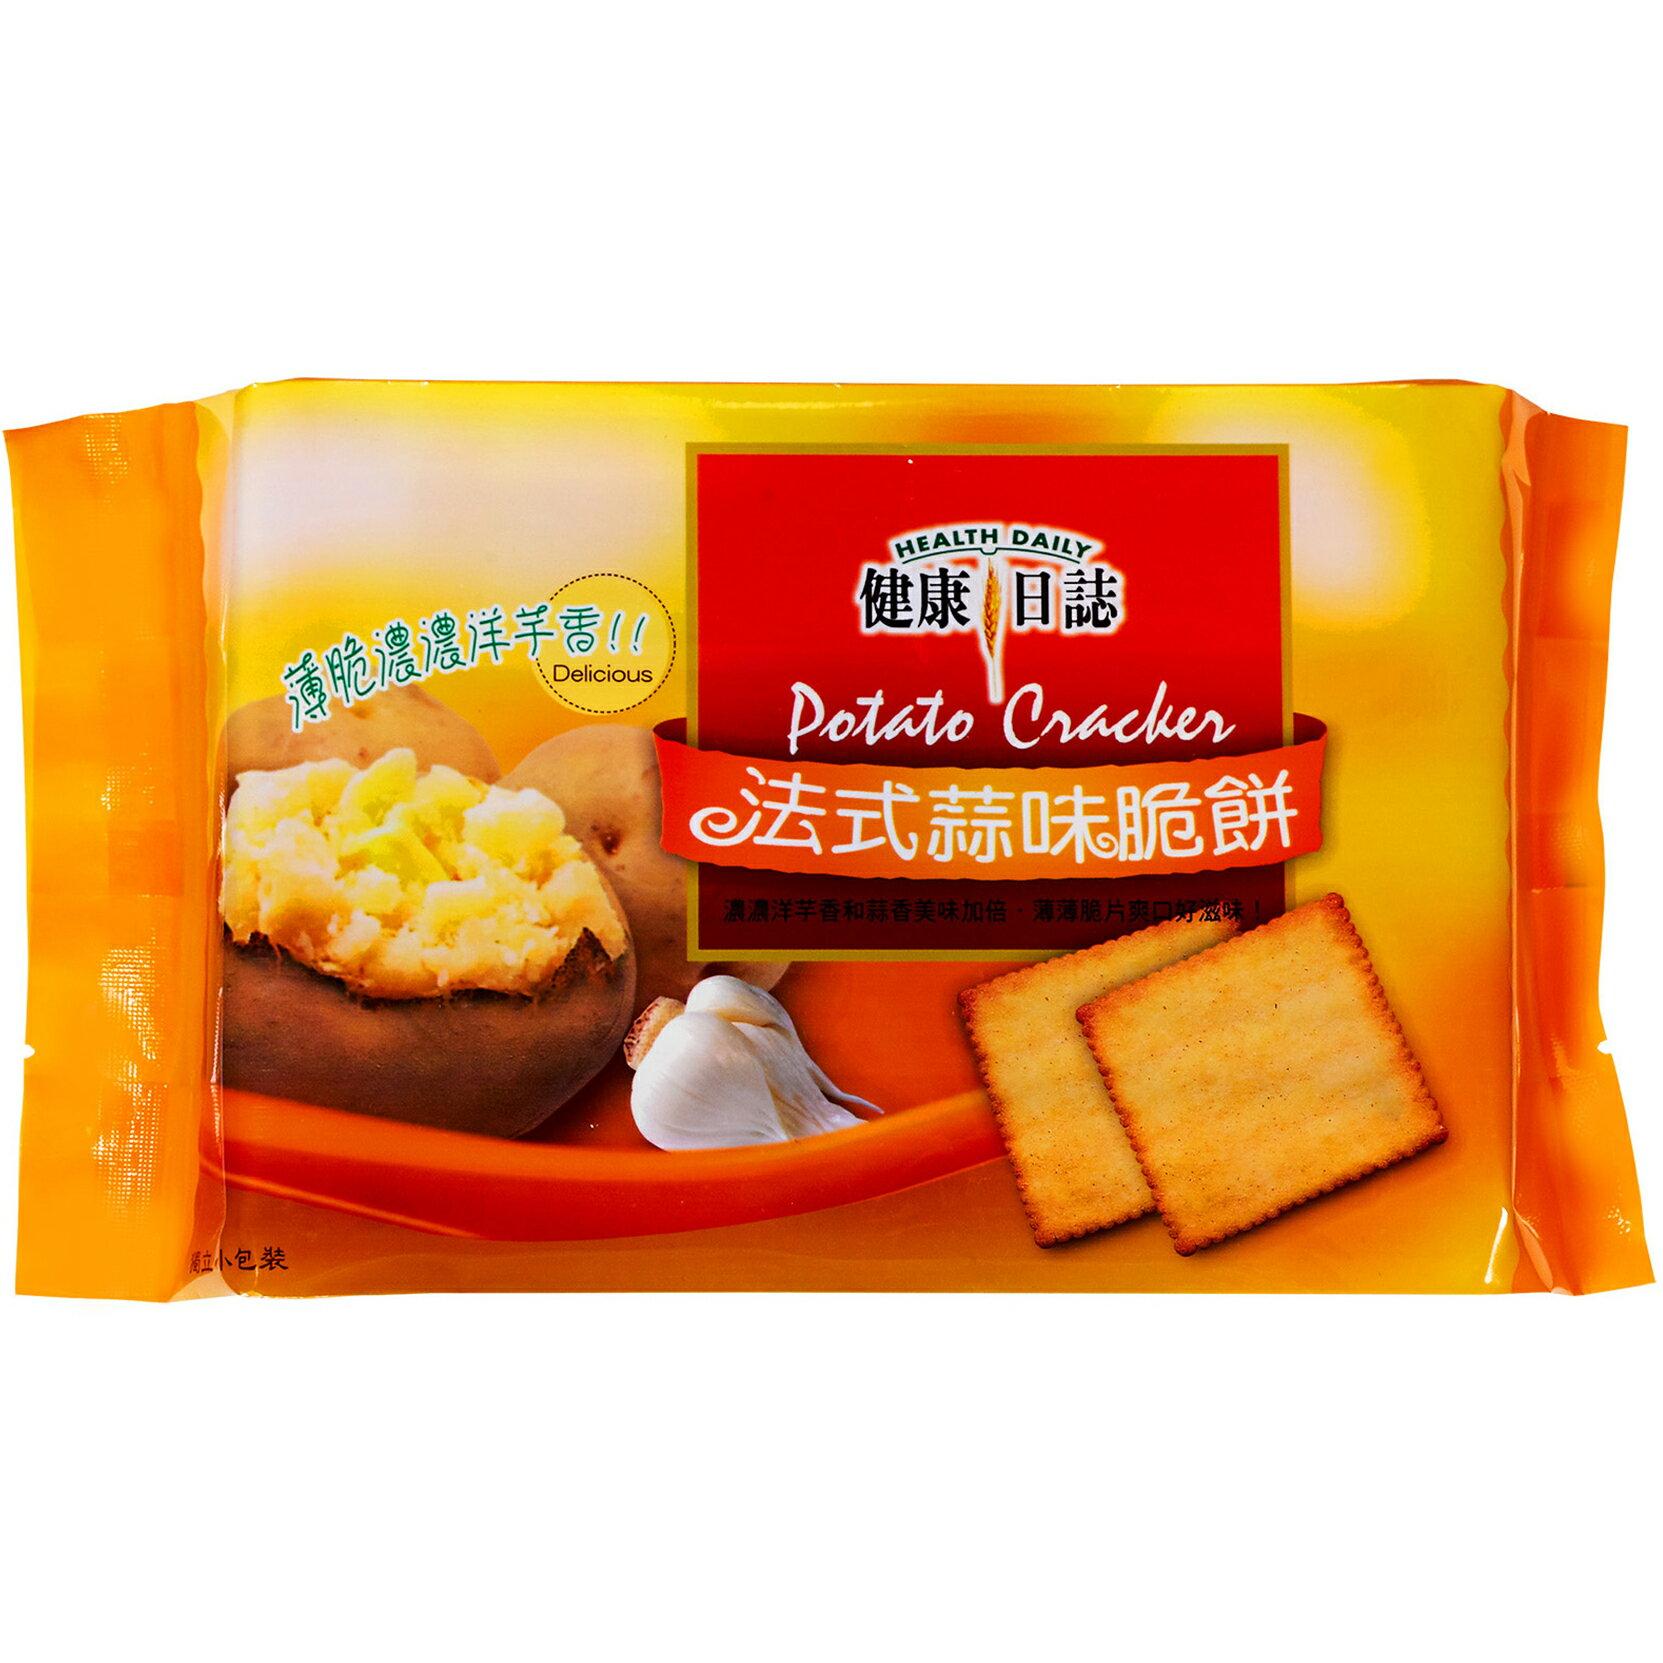 健康日誌 法式蒜味脆餅─192g